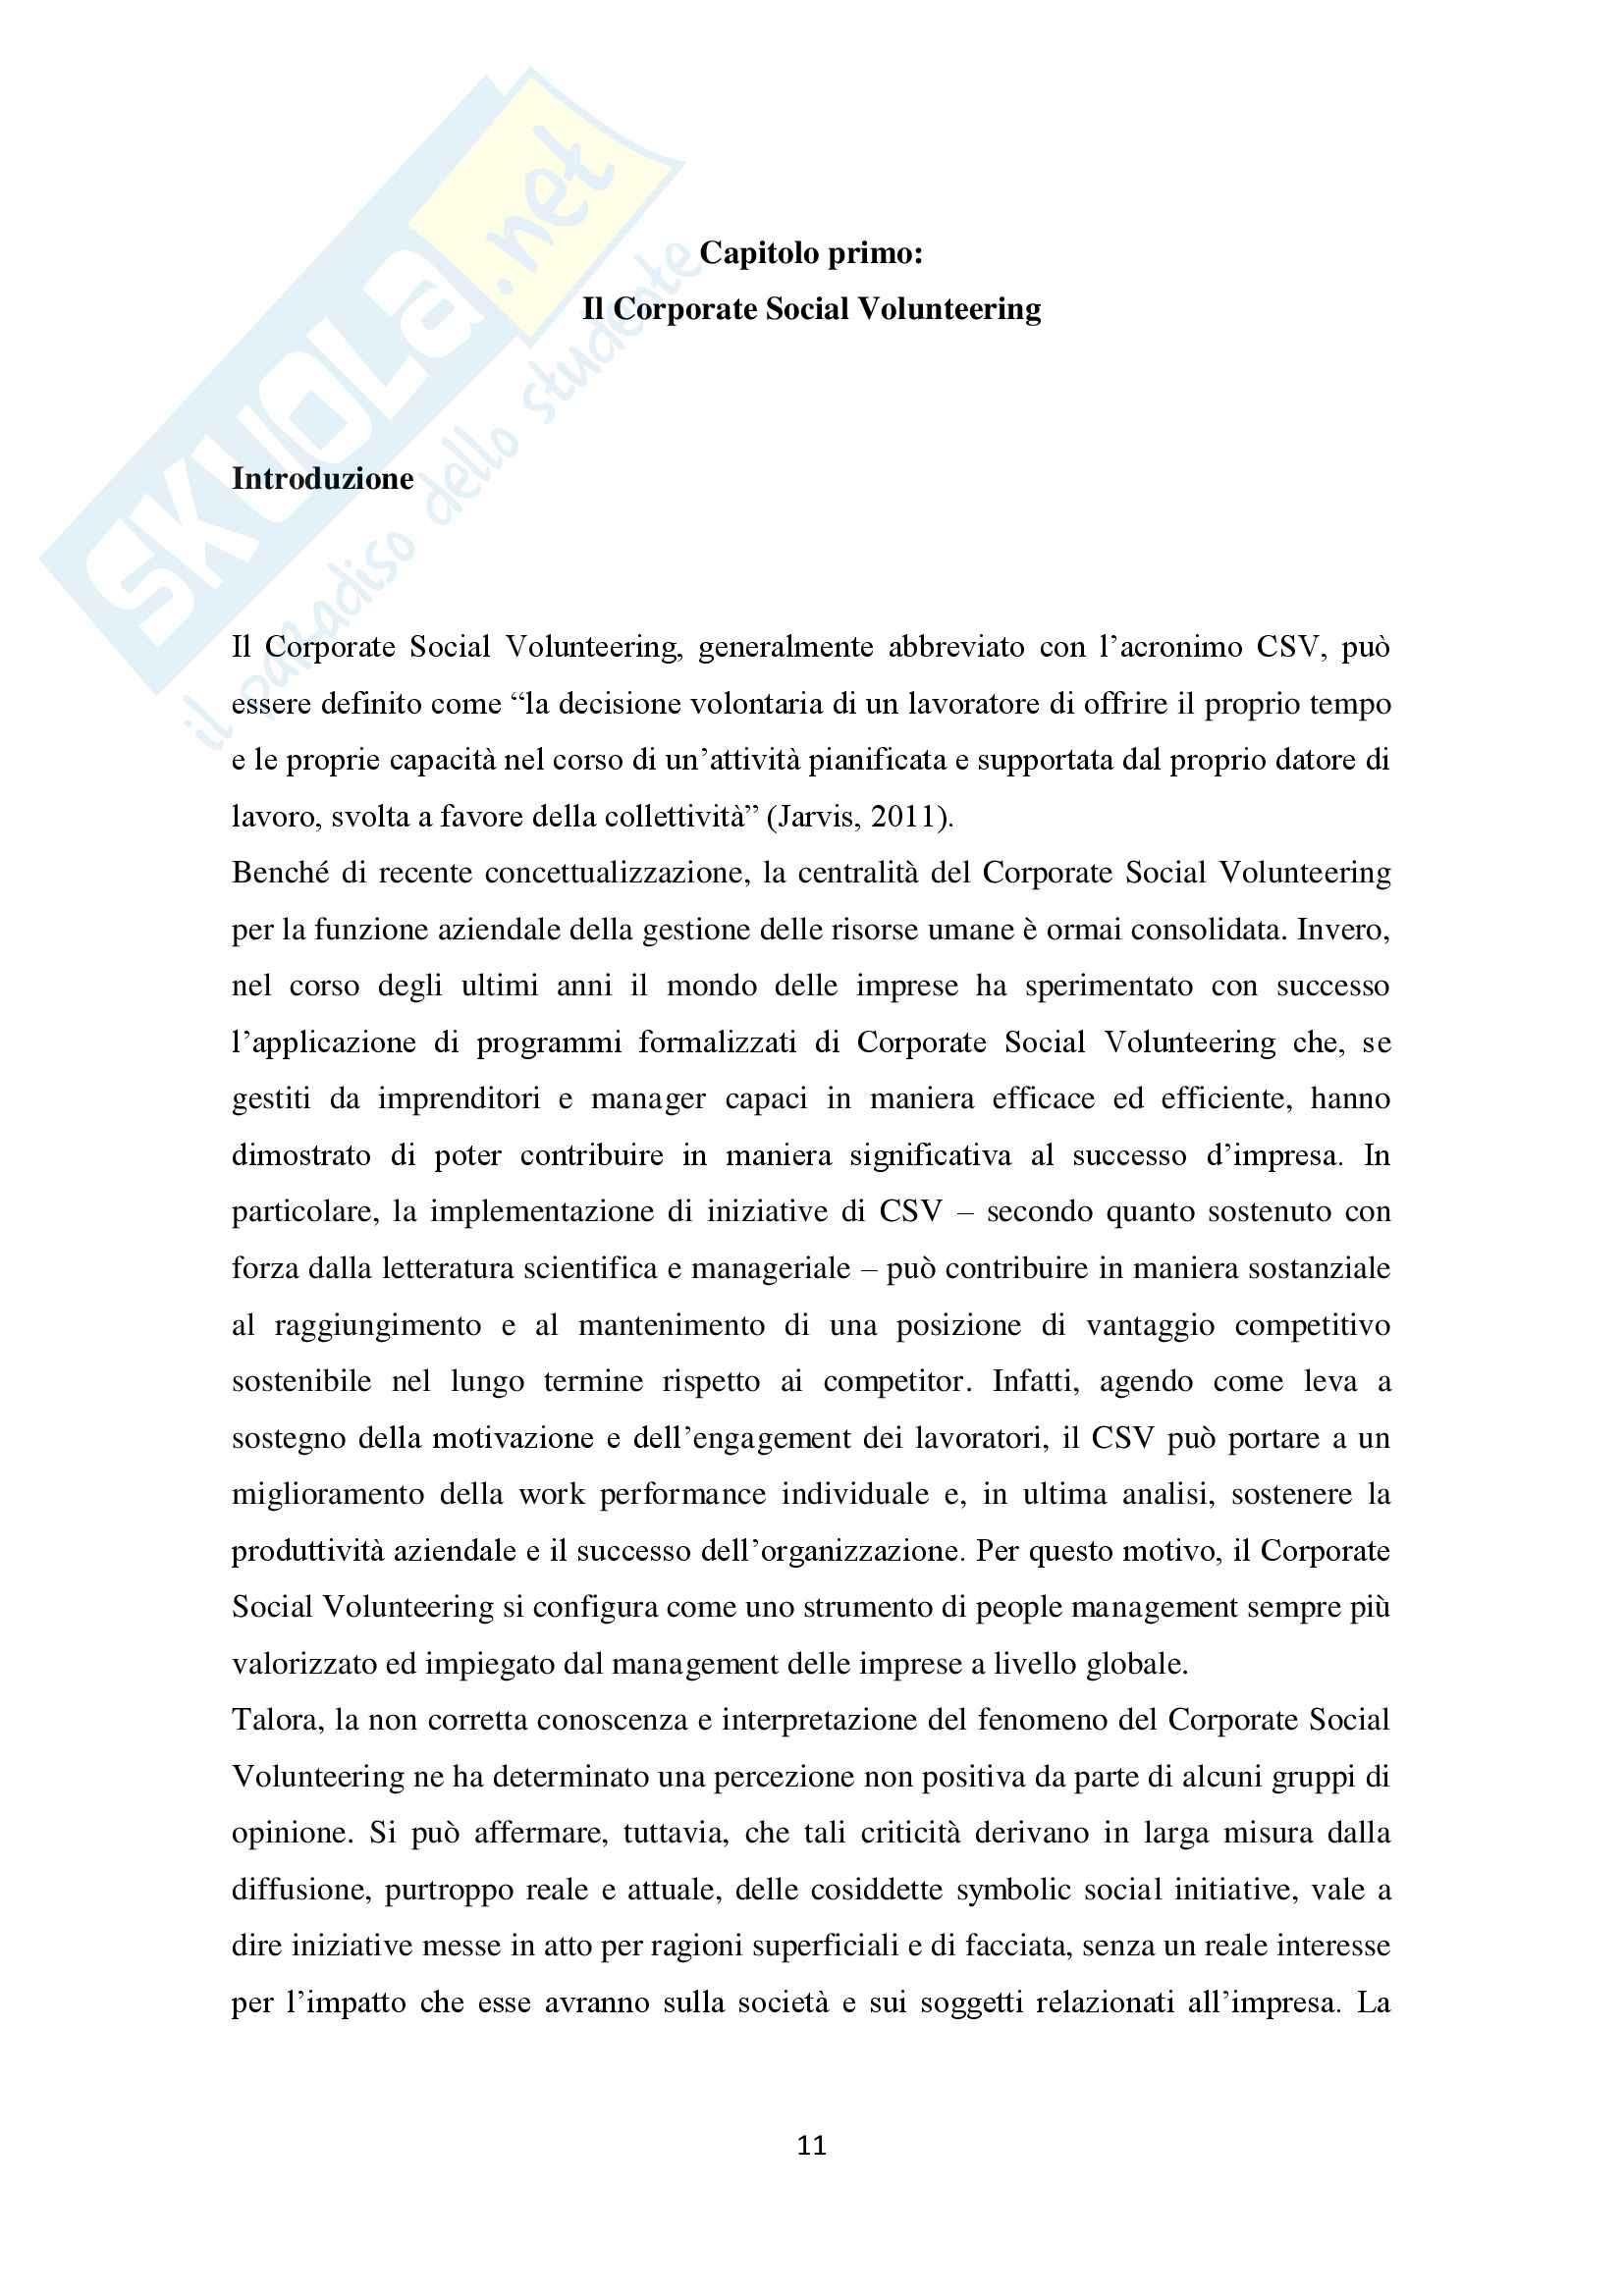 Tesi Corporate Social Volunteering Pag. 11